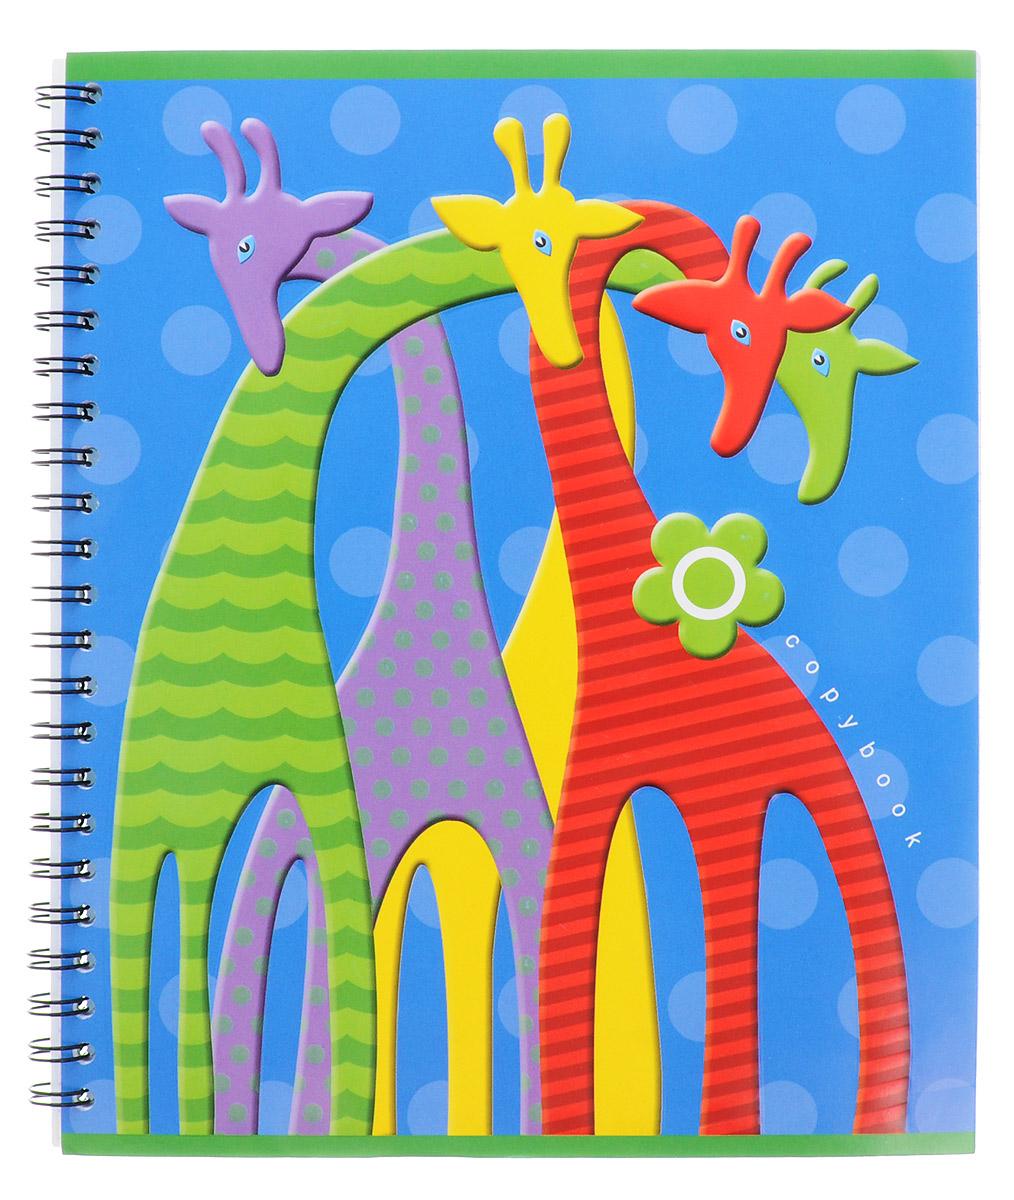 Полиграфика Тетрадь Жирафы 60 листов в клетку цвет синий72523WDТетрадь Полиграфика Жирафы подойдет как школьнику, так и студенту.Обложка тетради выполнена из картона и оформлена изображением ярких жирафов. Внутренний блок состоит из 60 листов белой бумаги. Стандартная линовка в голубую клетку без полей. Листы тетради соединены металлическим гребнем.